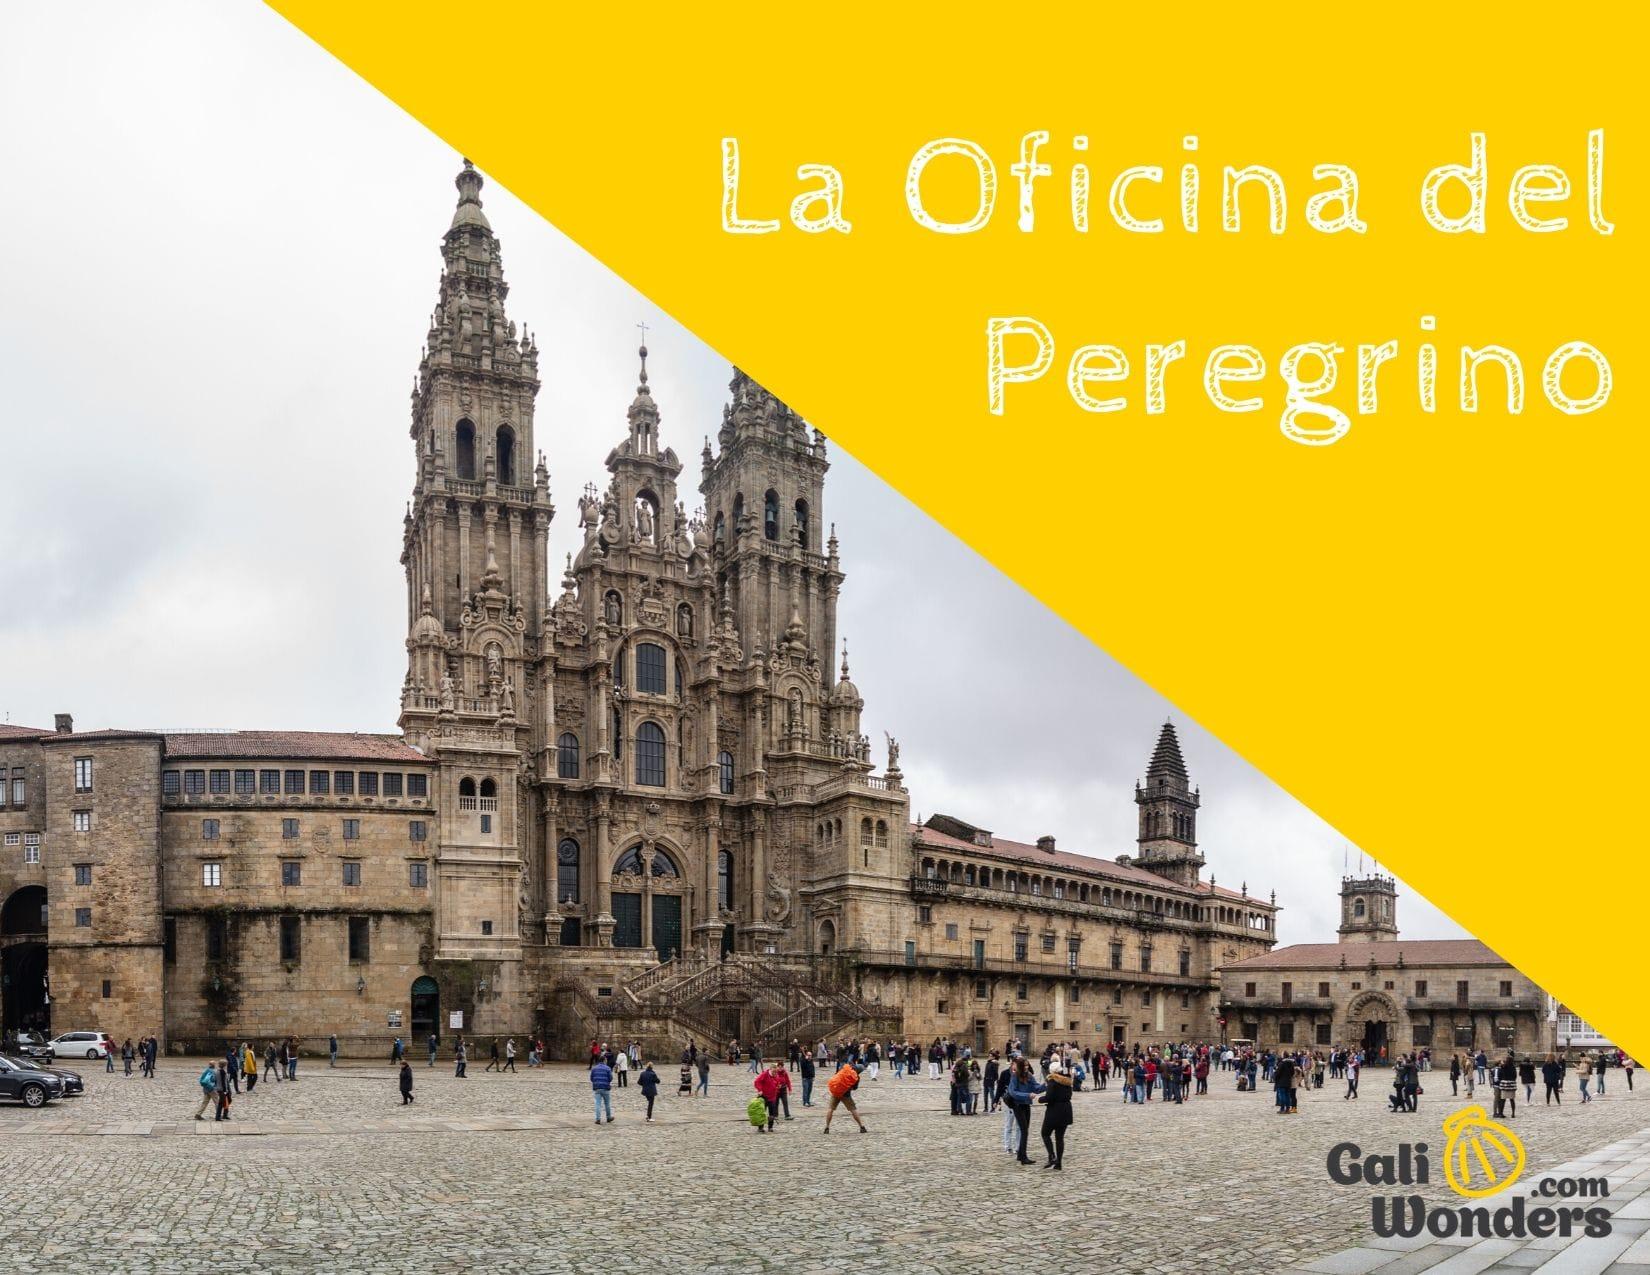 La Oficina del Peregrino Santiago de Compostela Galiwonders